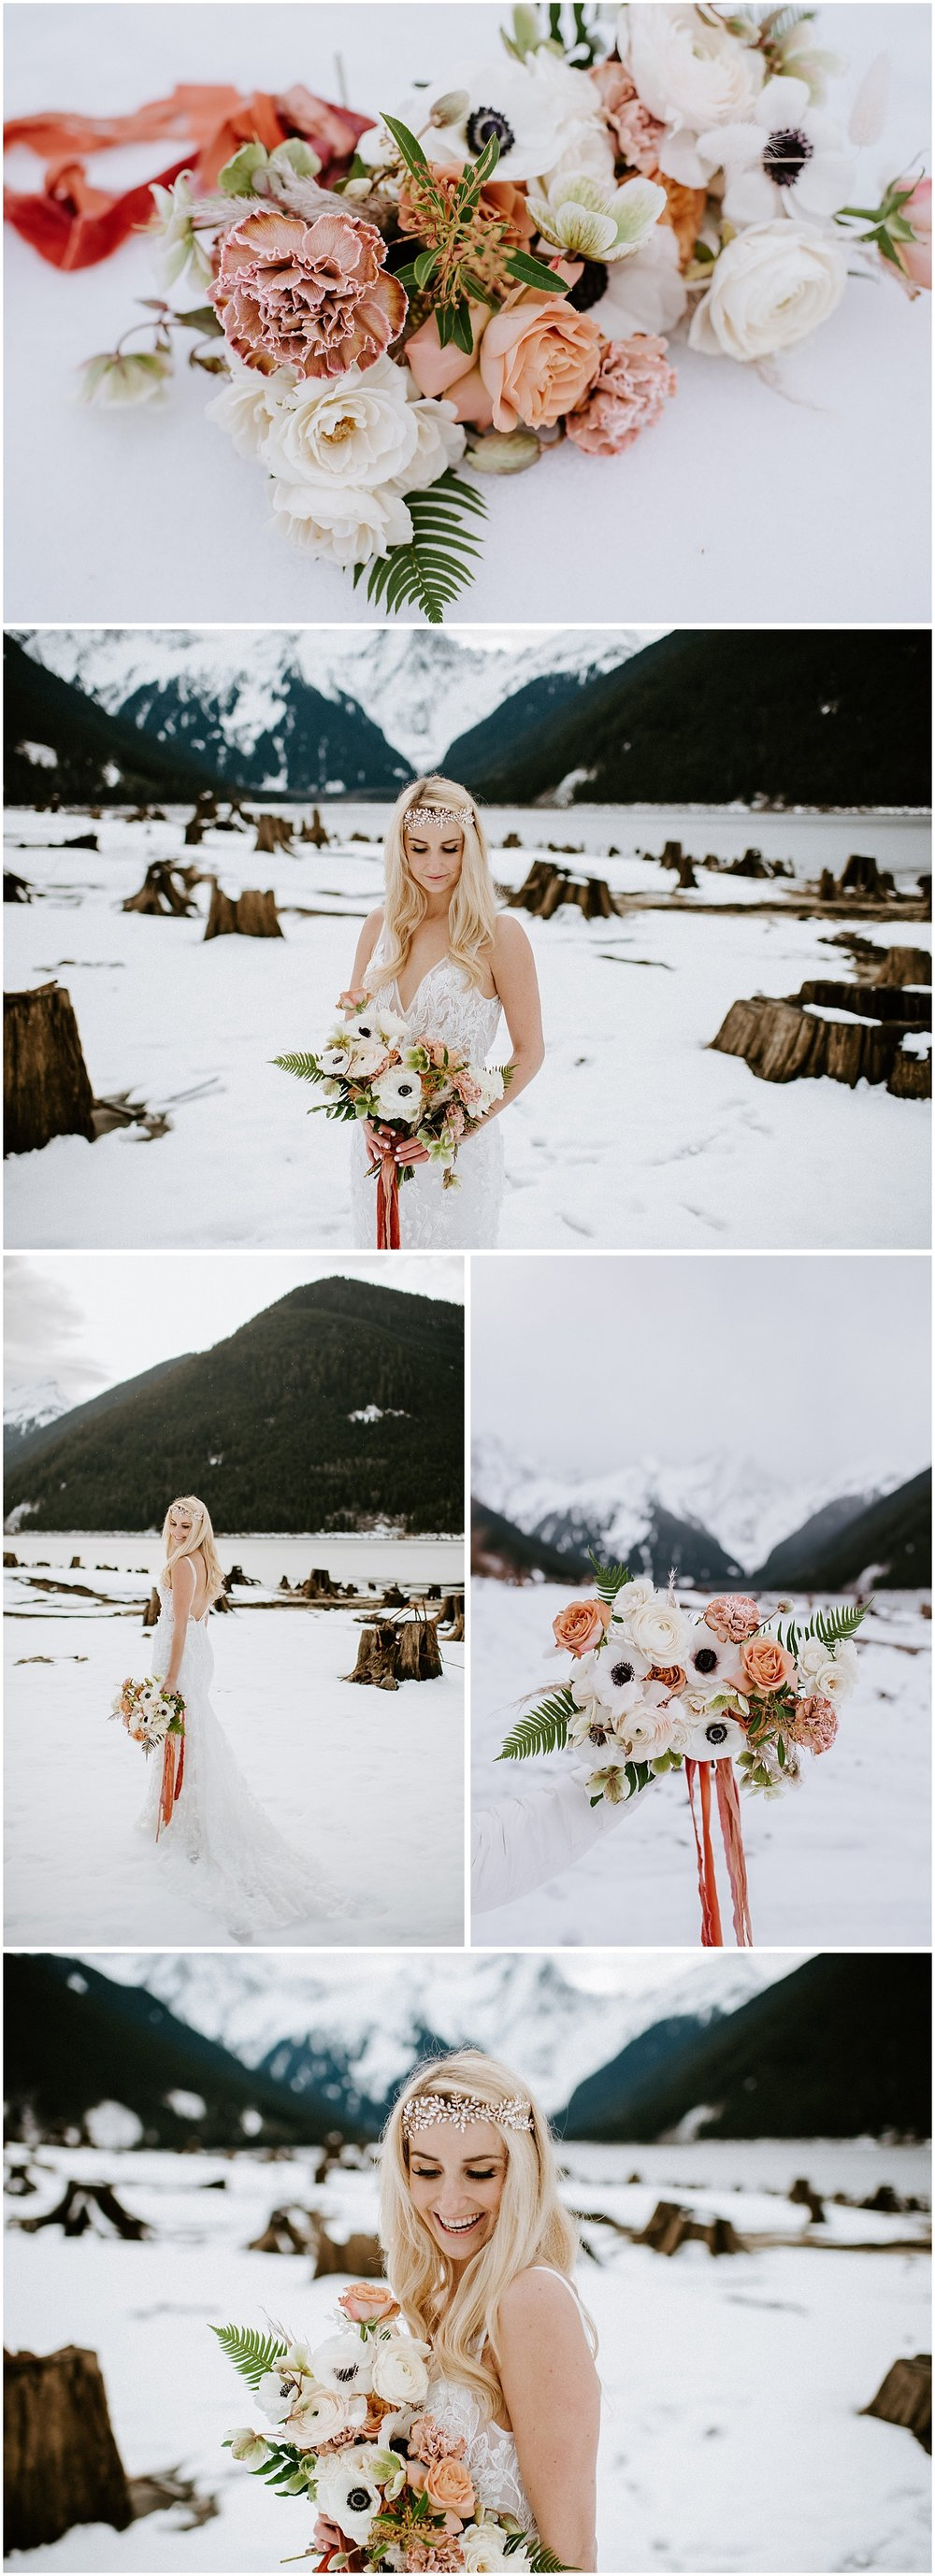 Jones_Lake_wedding_winter_elopement_vancouver_photographer_0245.jpg